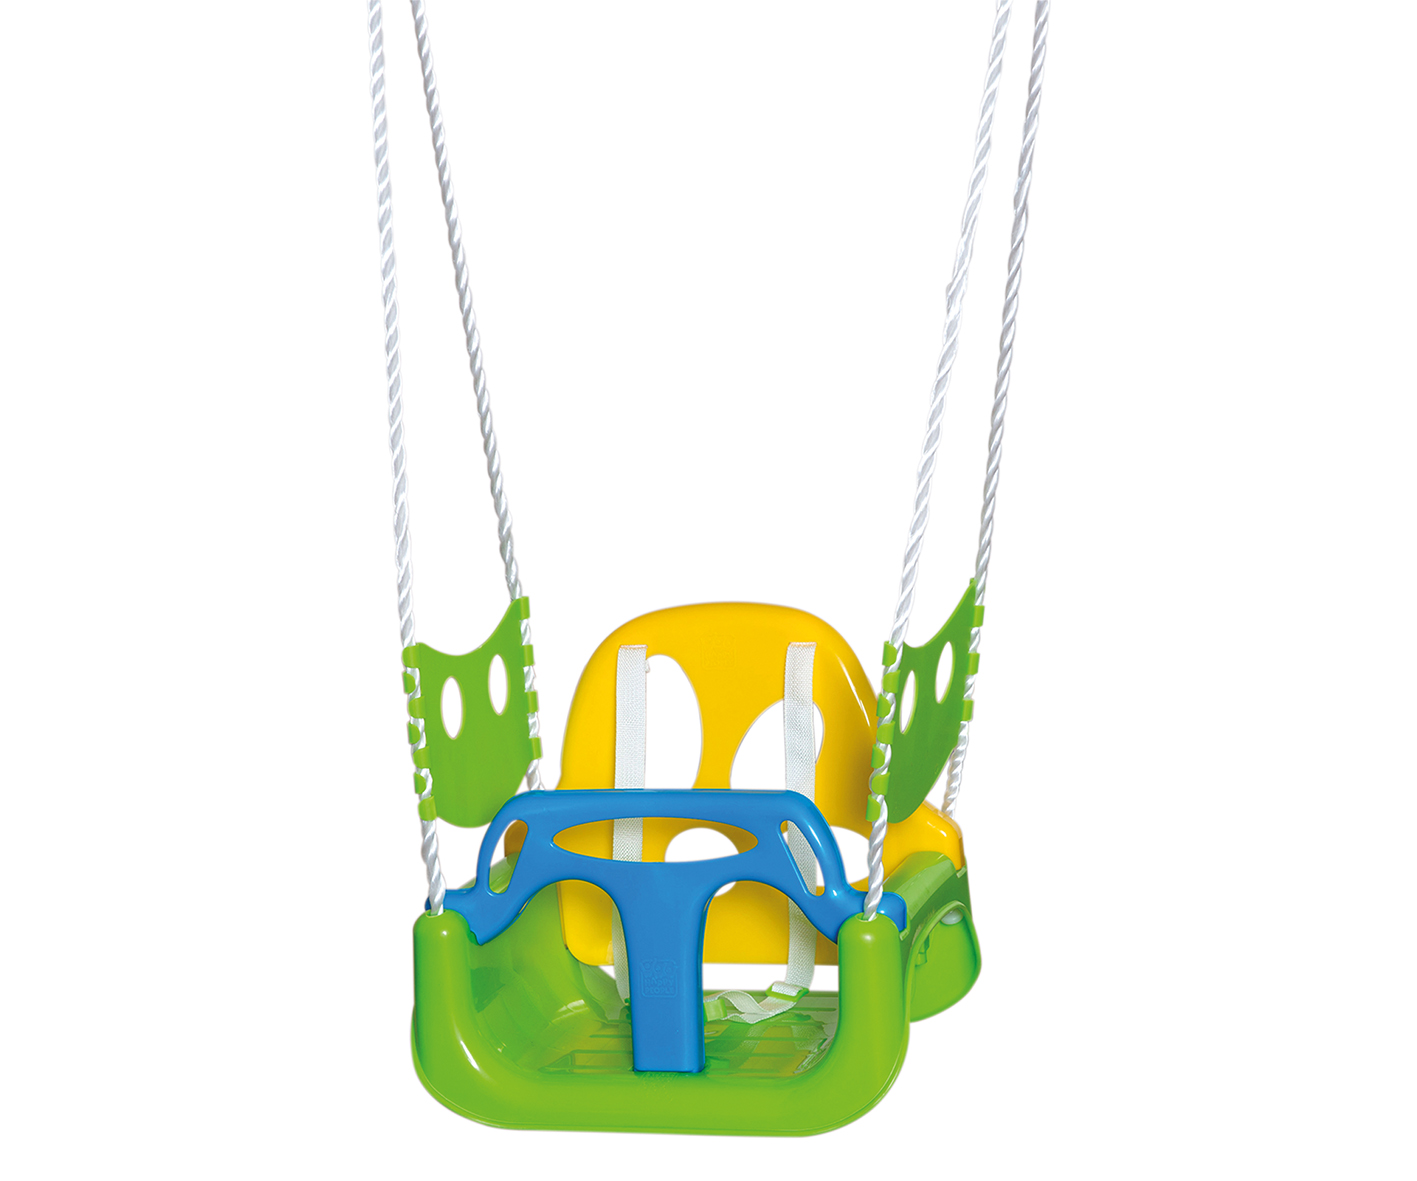 3 In 1 Kinderschaukel Baby Swing Sitz Stuhl Kleinkind Für